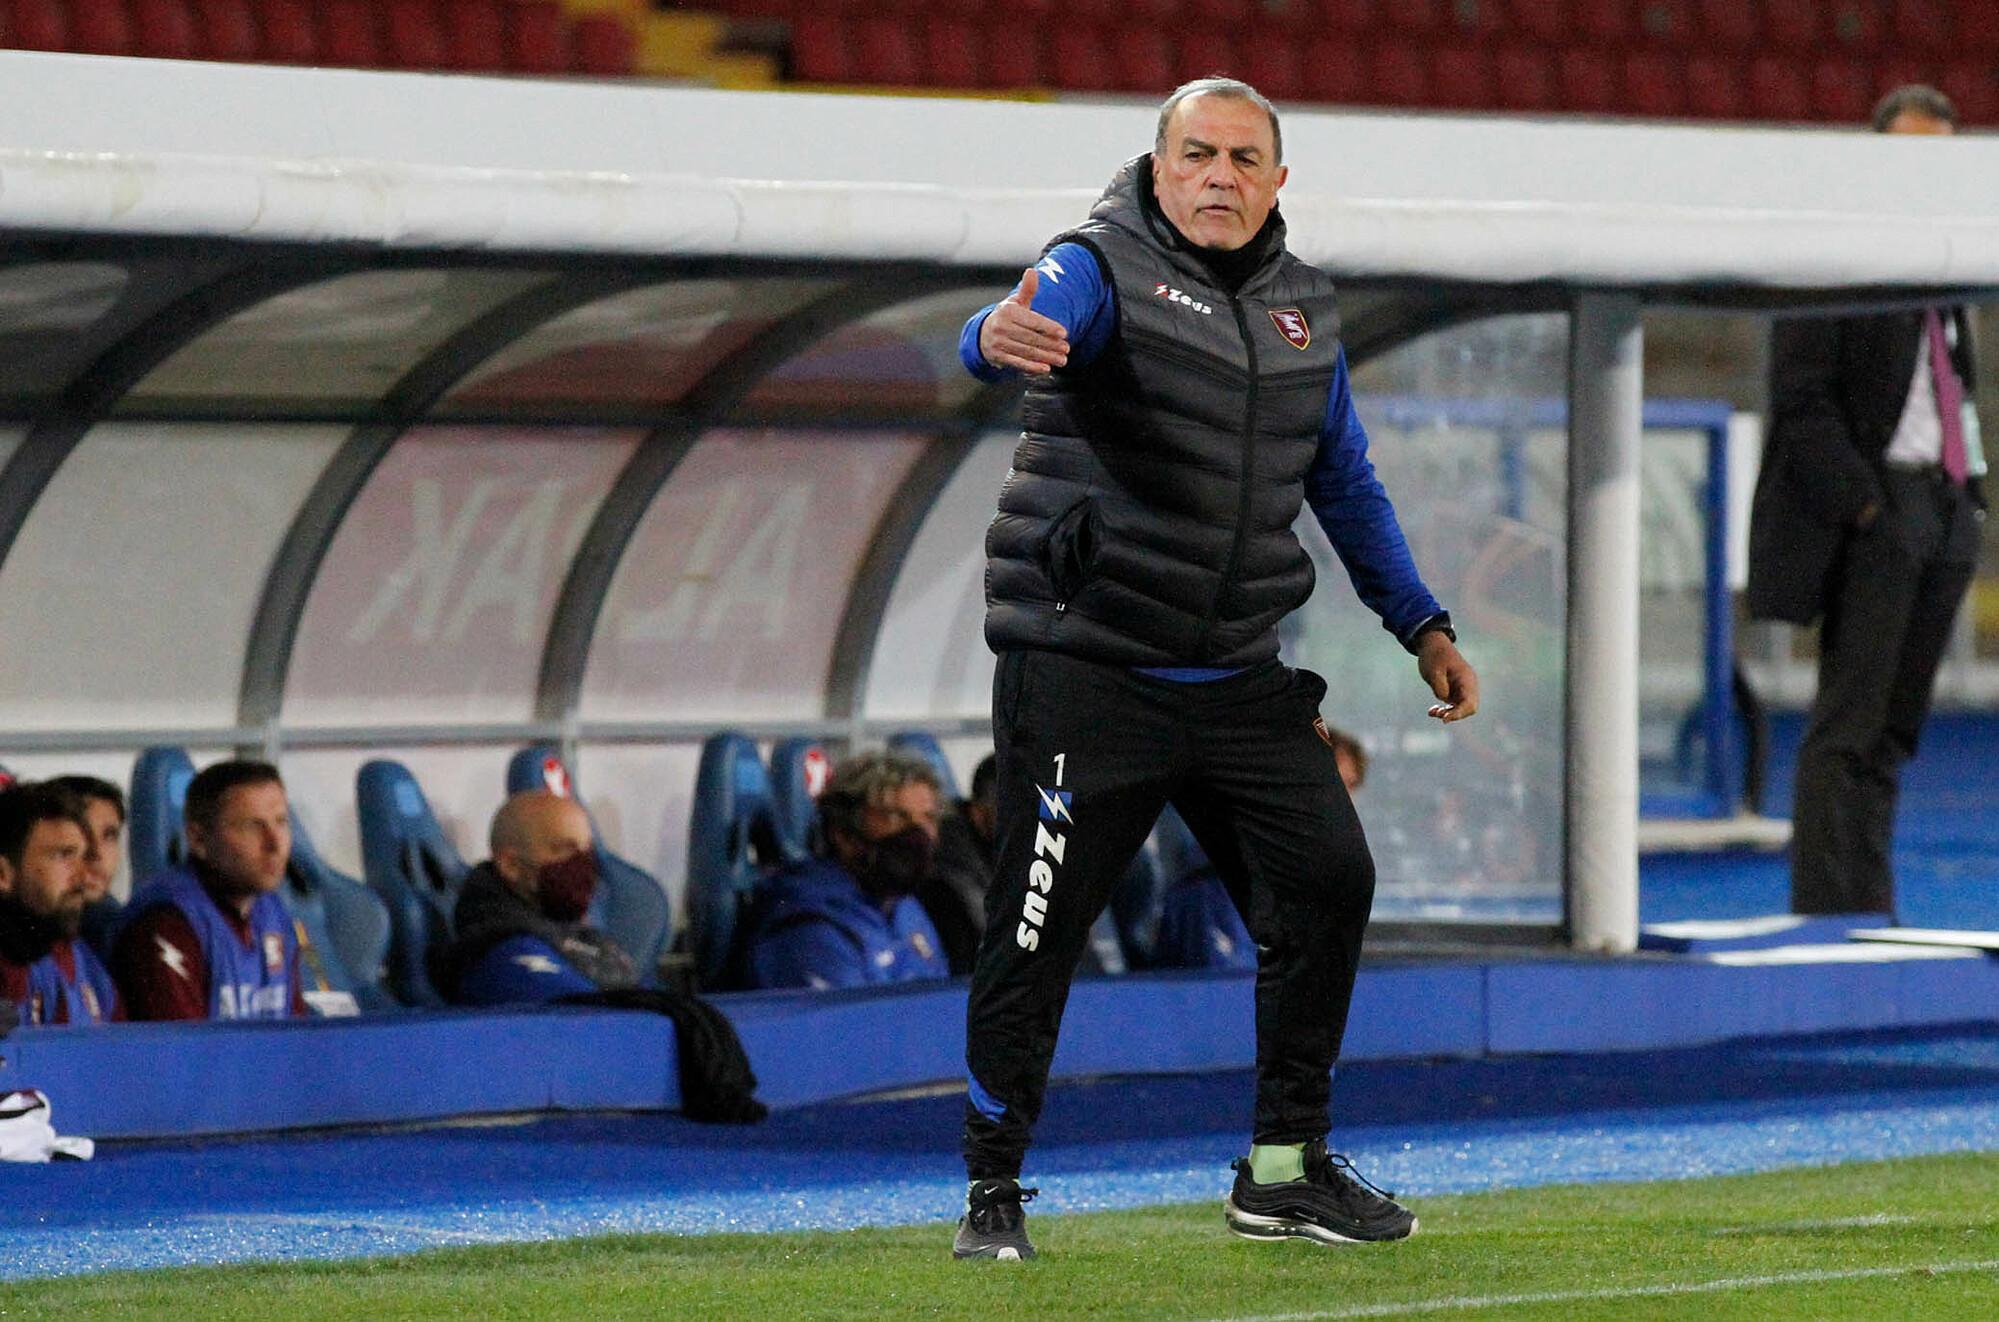 Castori dipandang sebagai inovator taktis di Serie B musim ini saat ia membantu Salernitana maju dengan sepak bola yang sederhana, namun langsung dan sangat efektif.  Foto: Lapresse